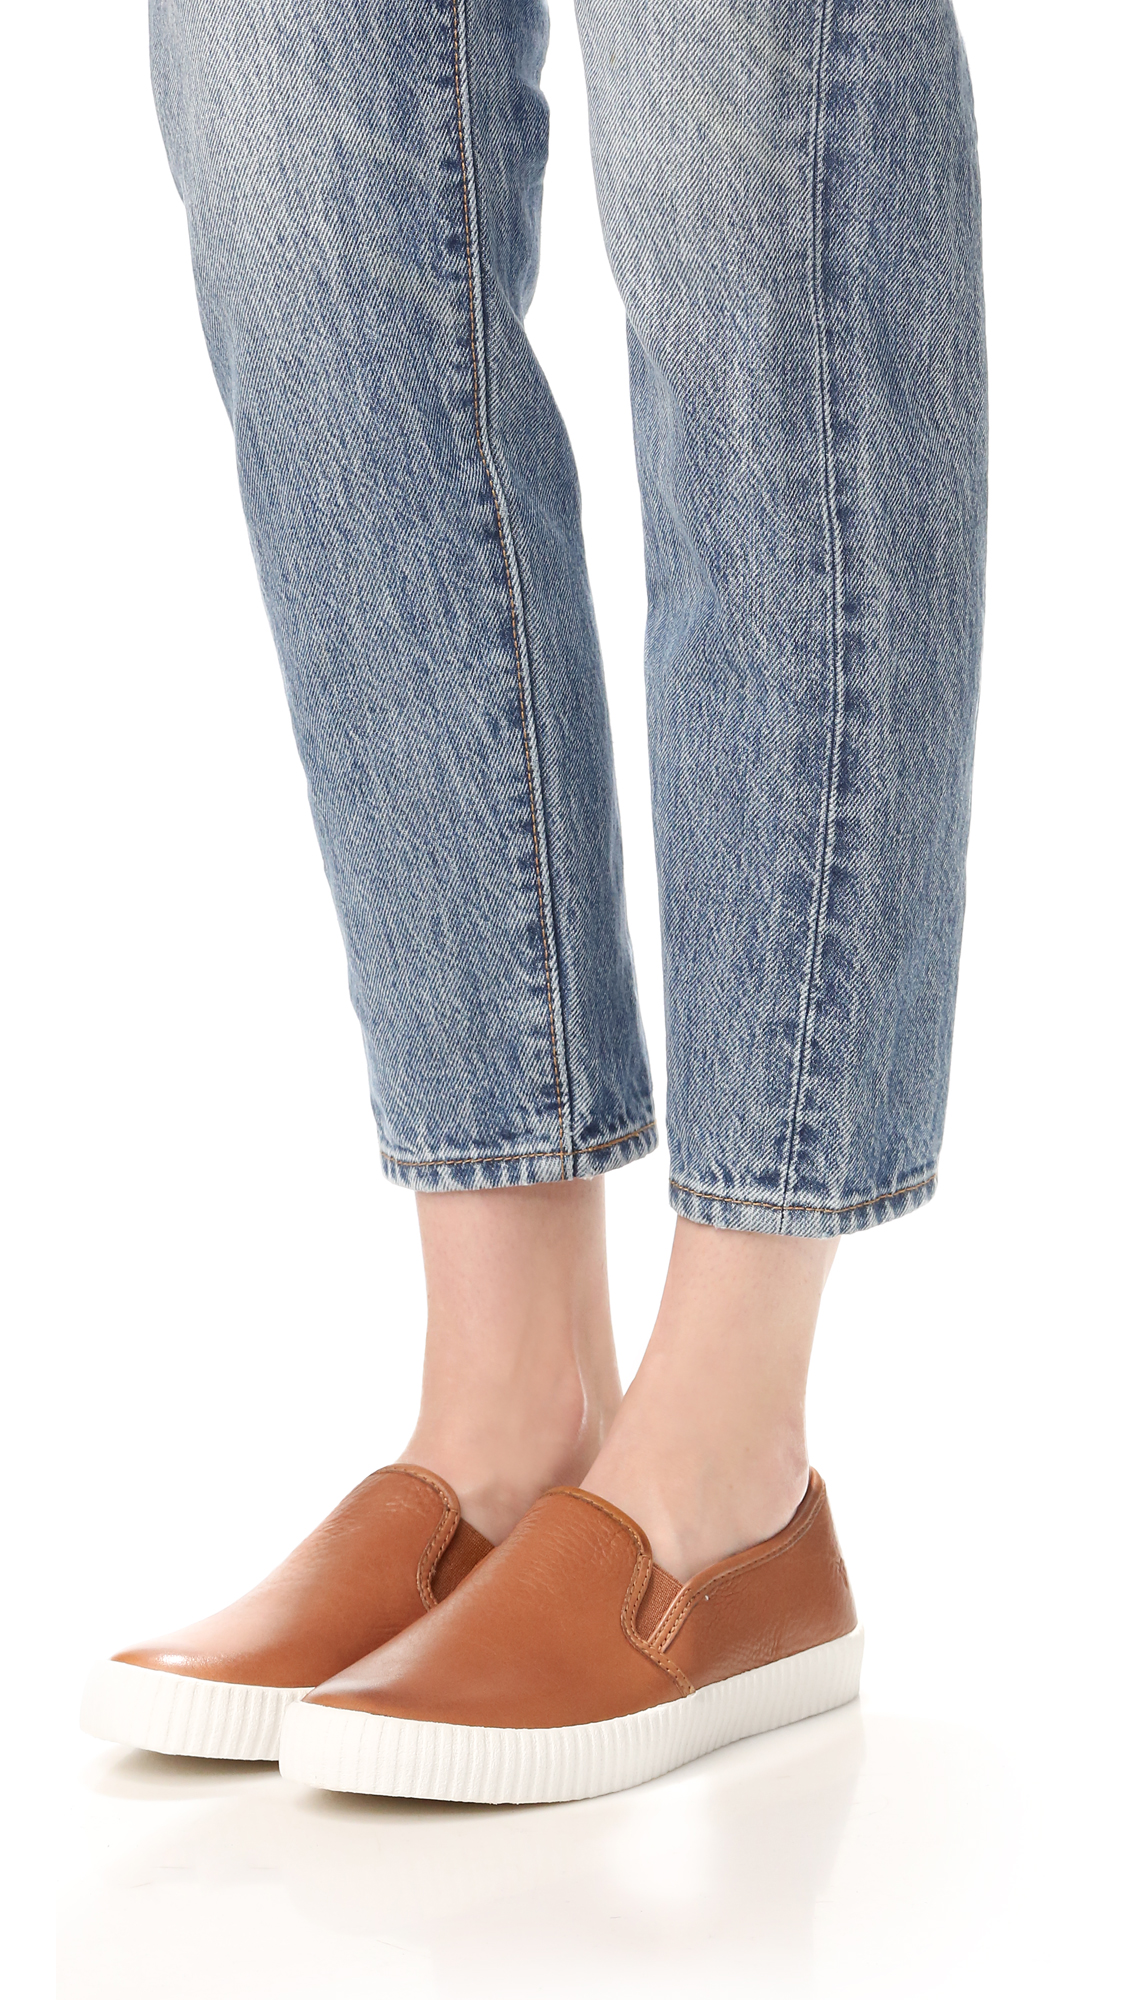 Frye Camille Slip On Sneaker (Women's) ANNTm4Rjo